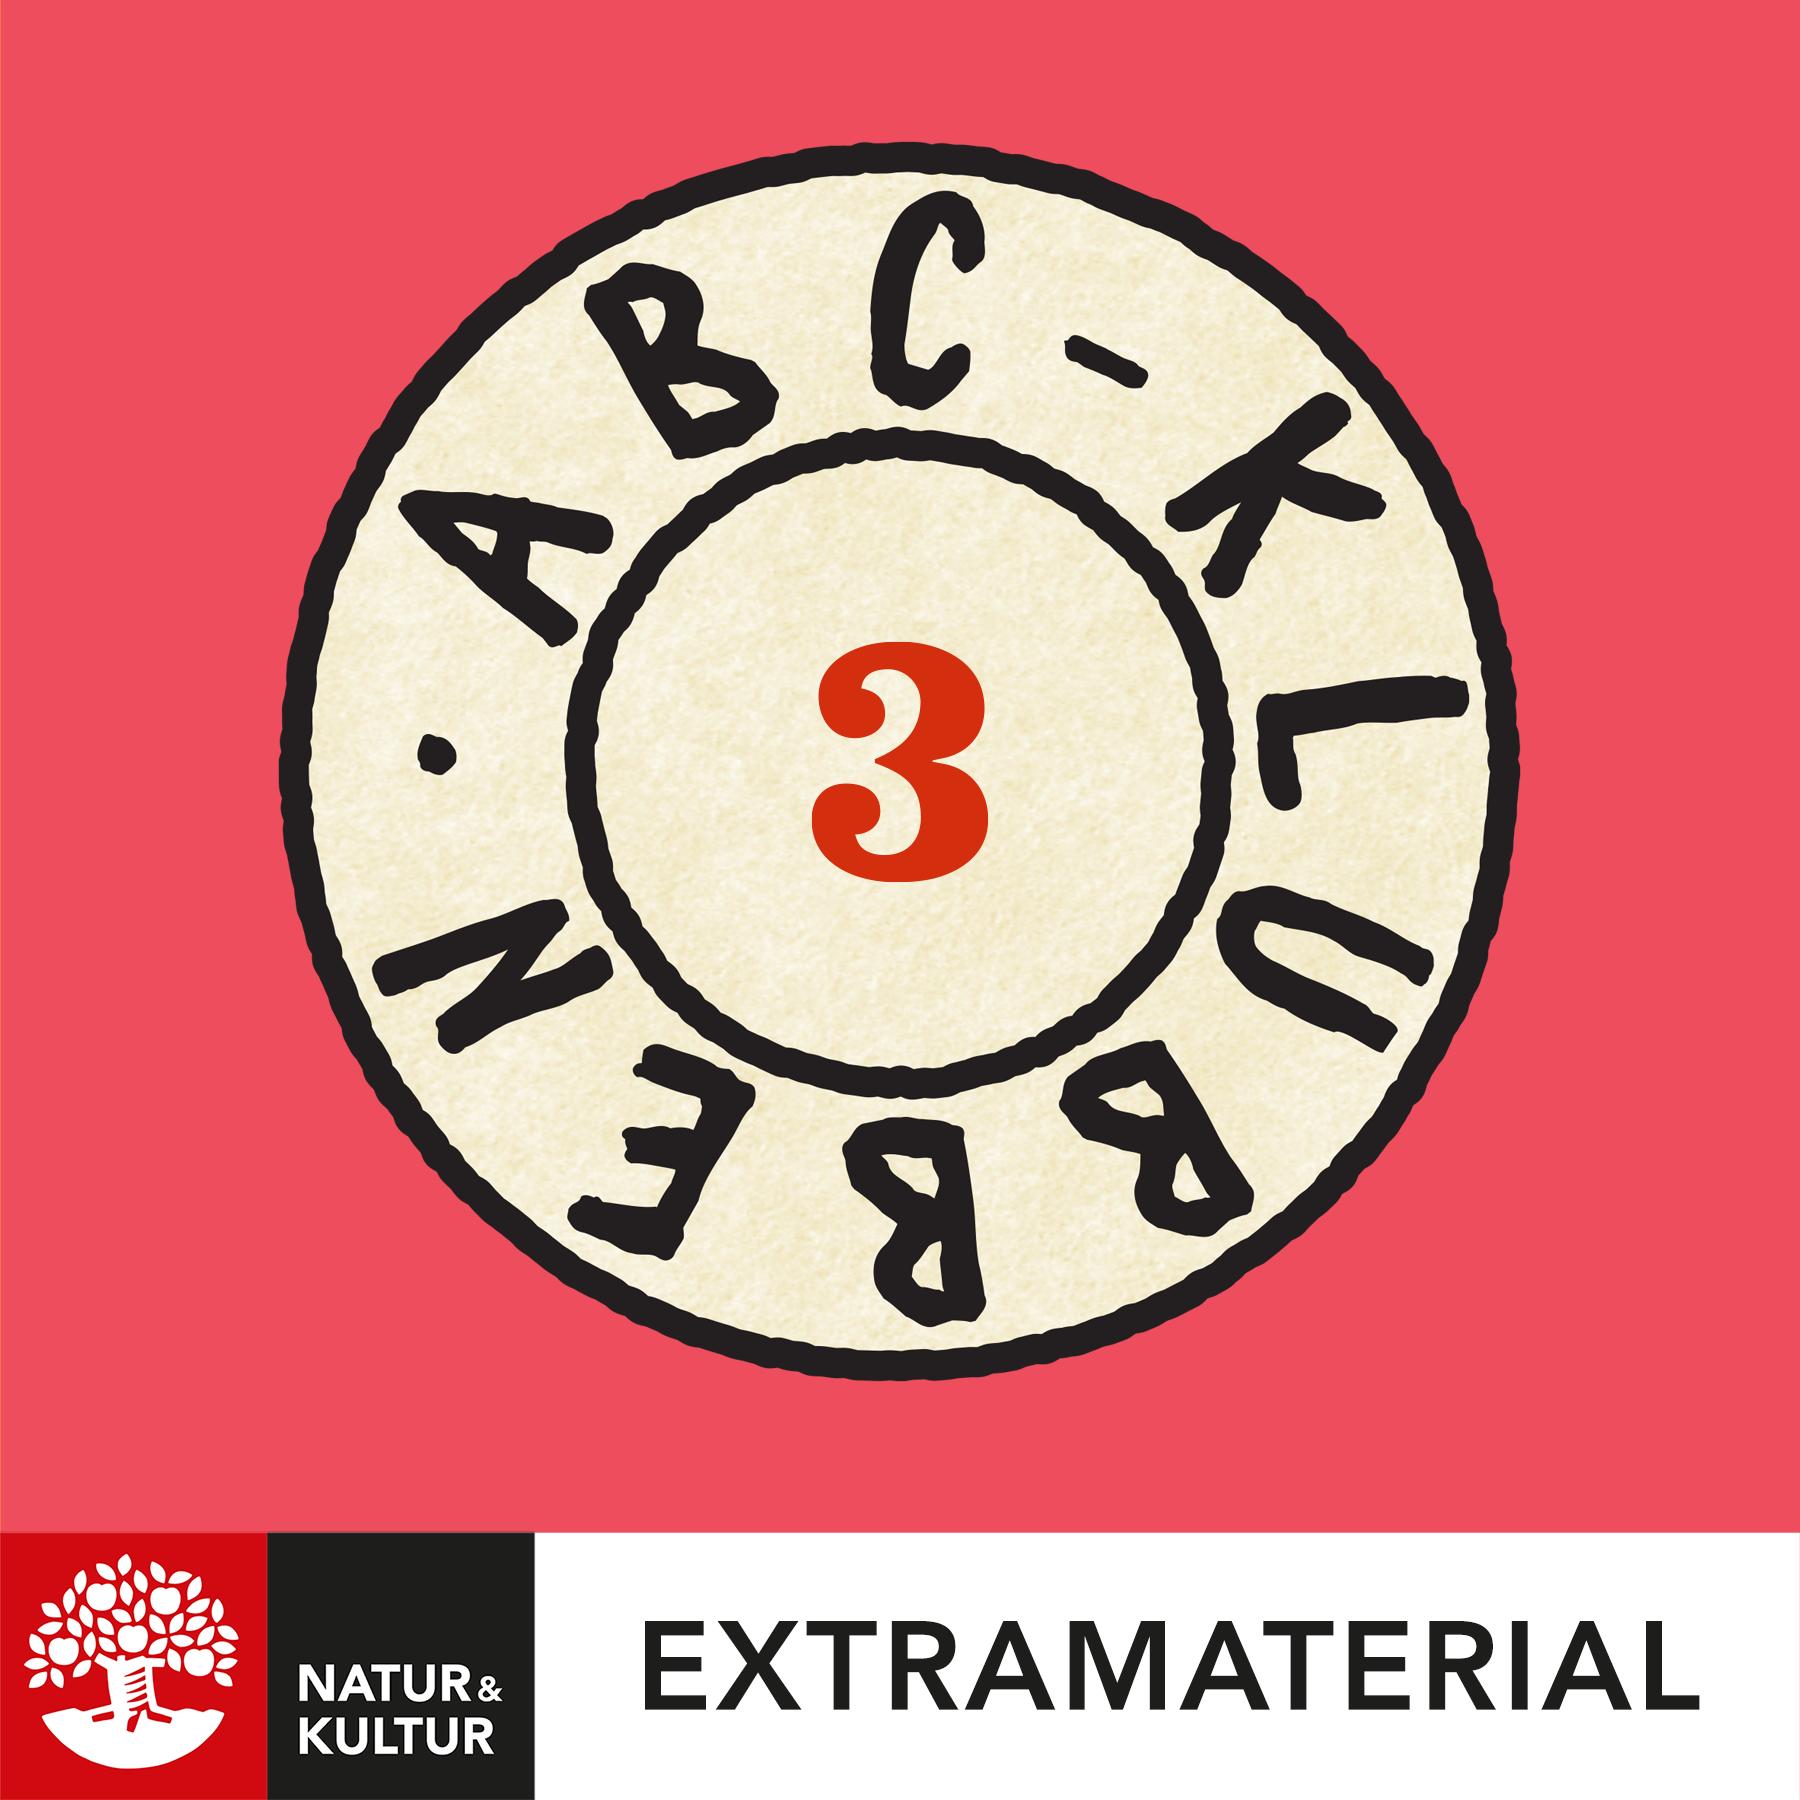 ABC-klubben åk 3